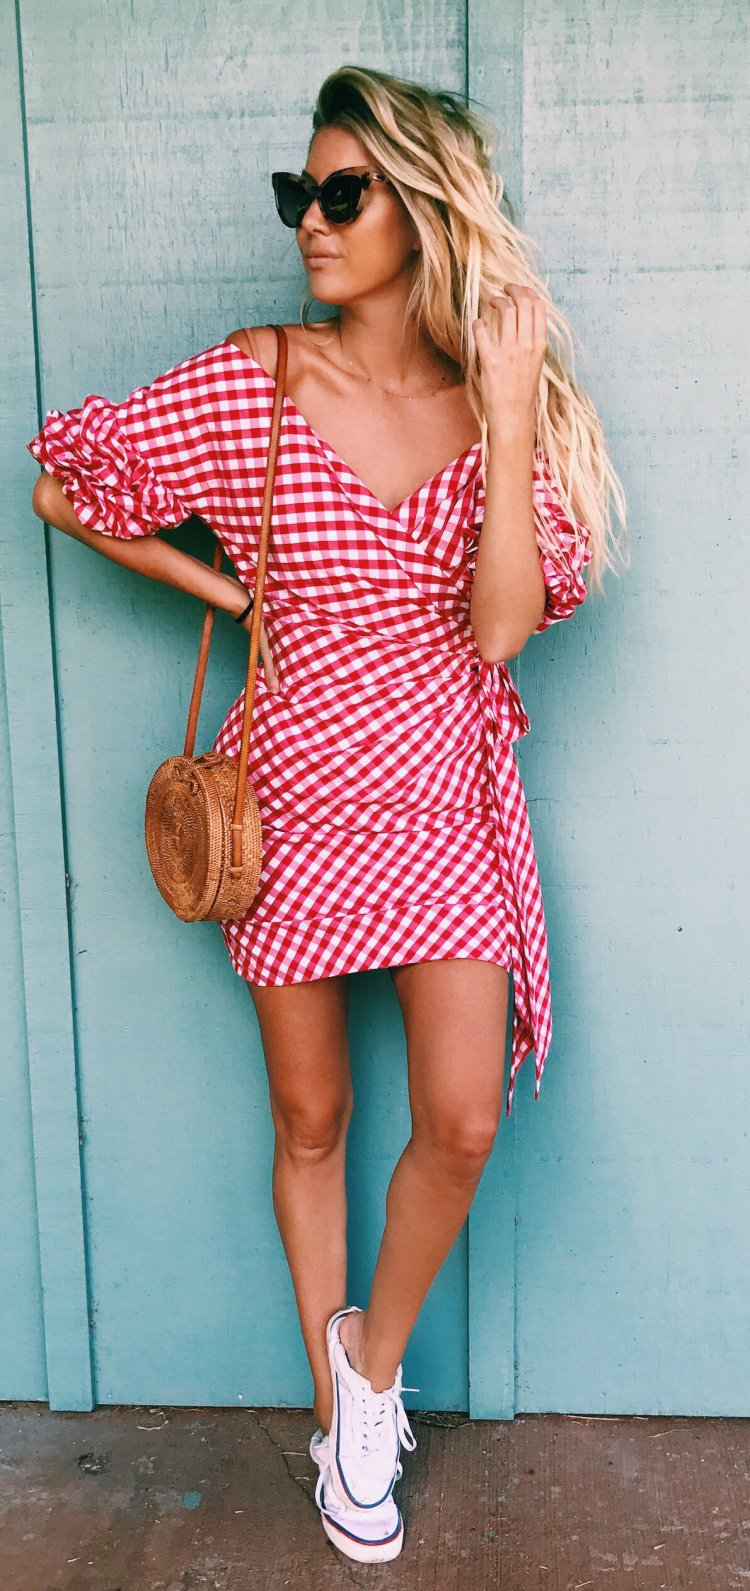 bcab953e0d61 women s red and white v-neck midi dress